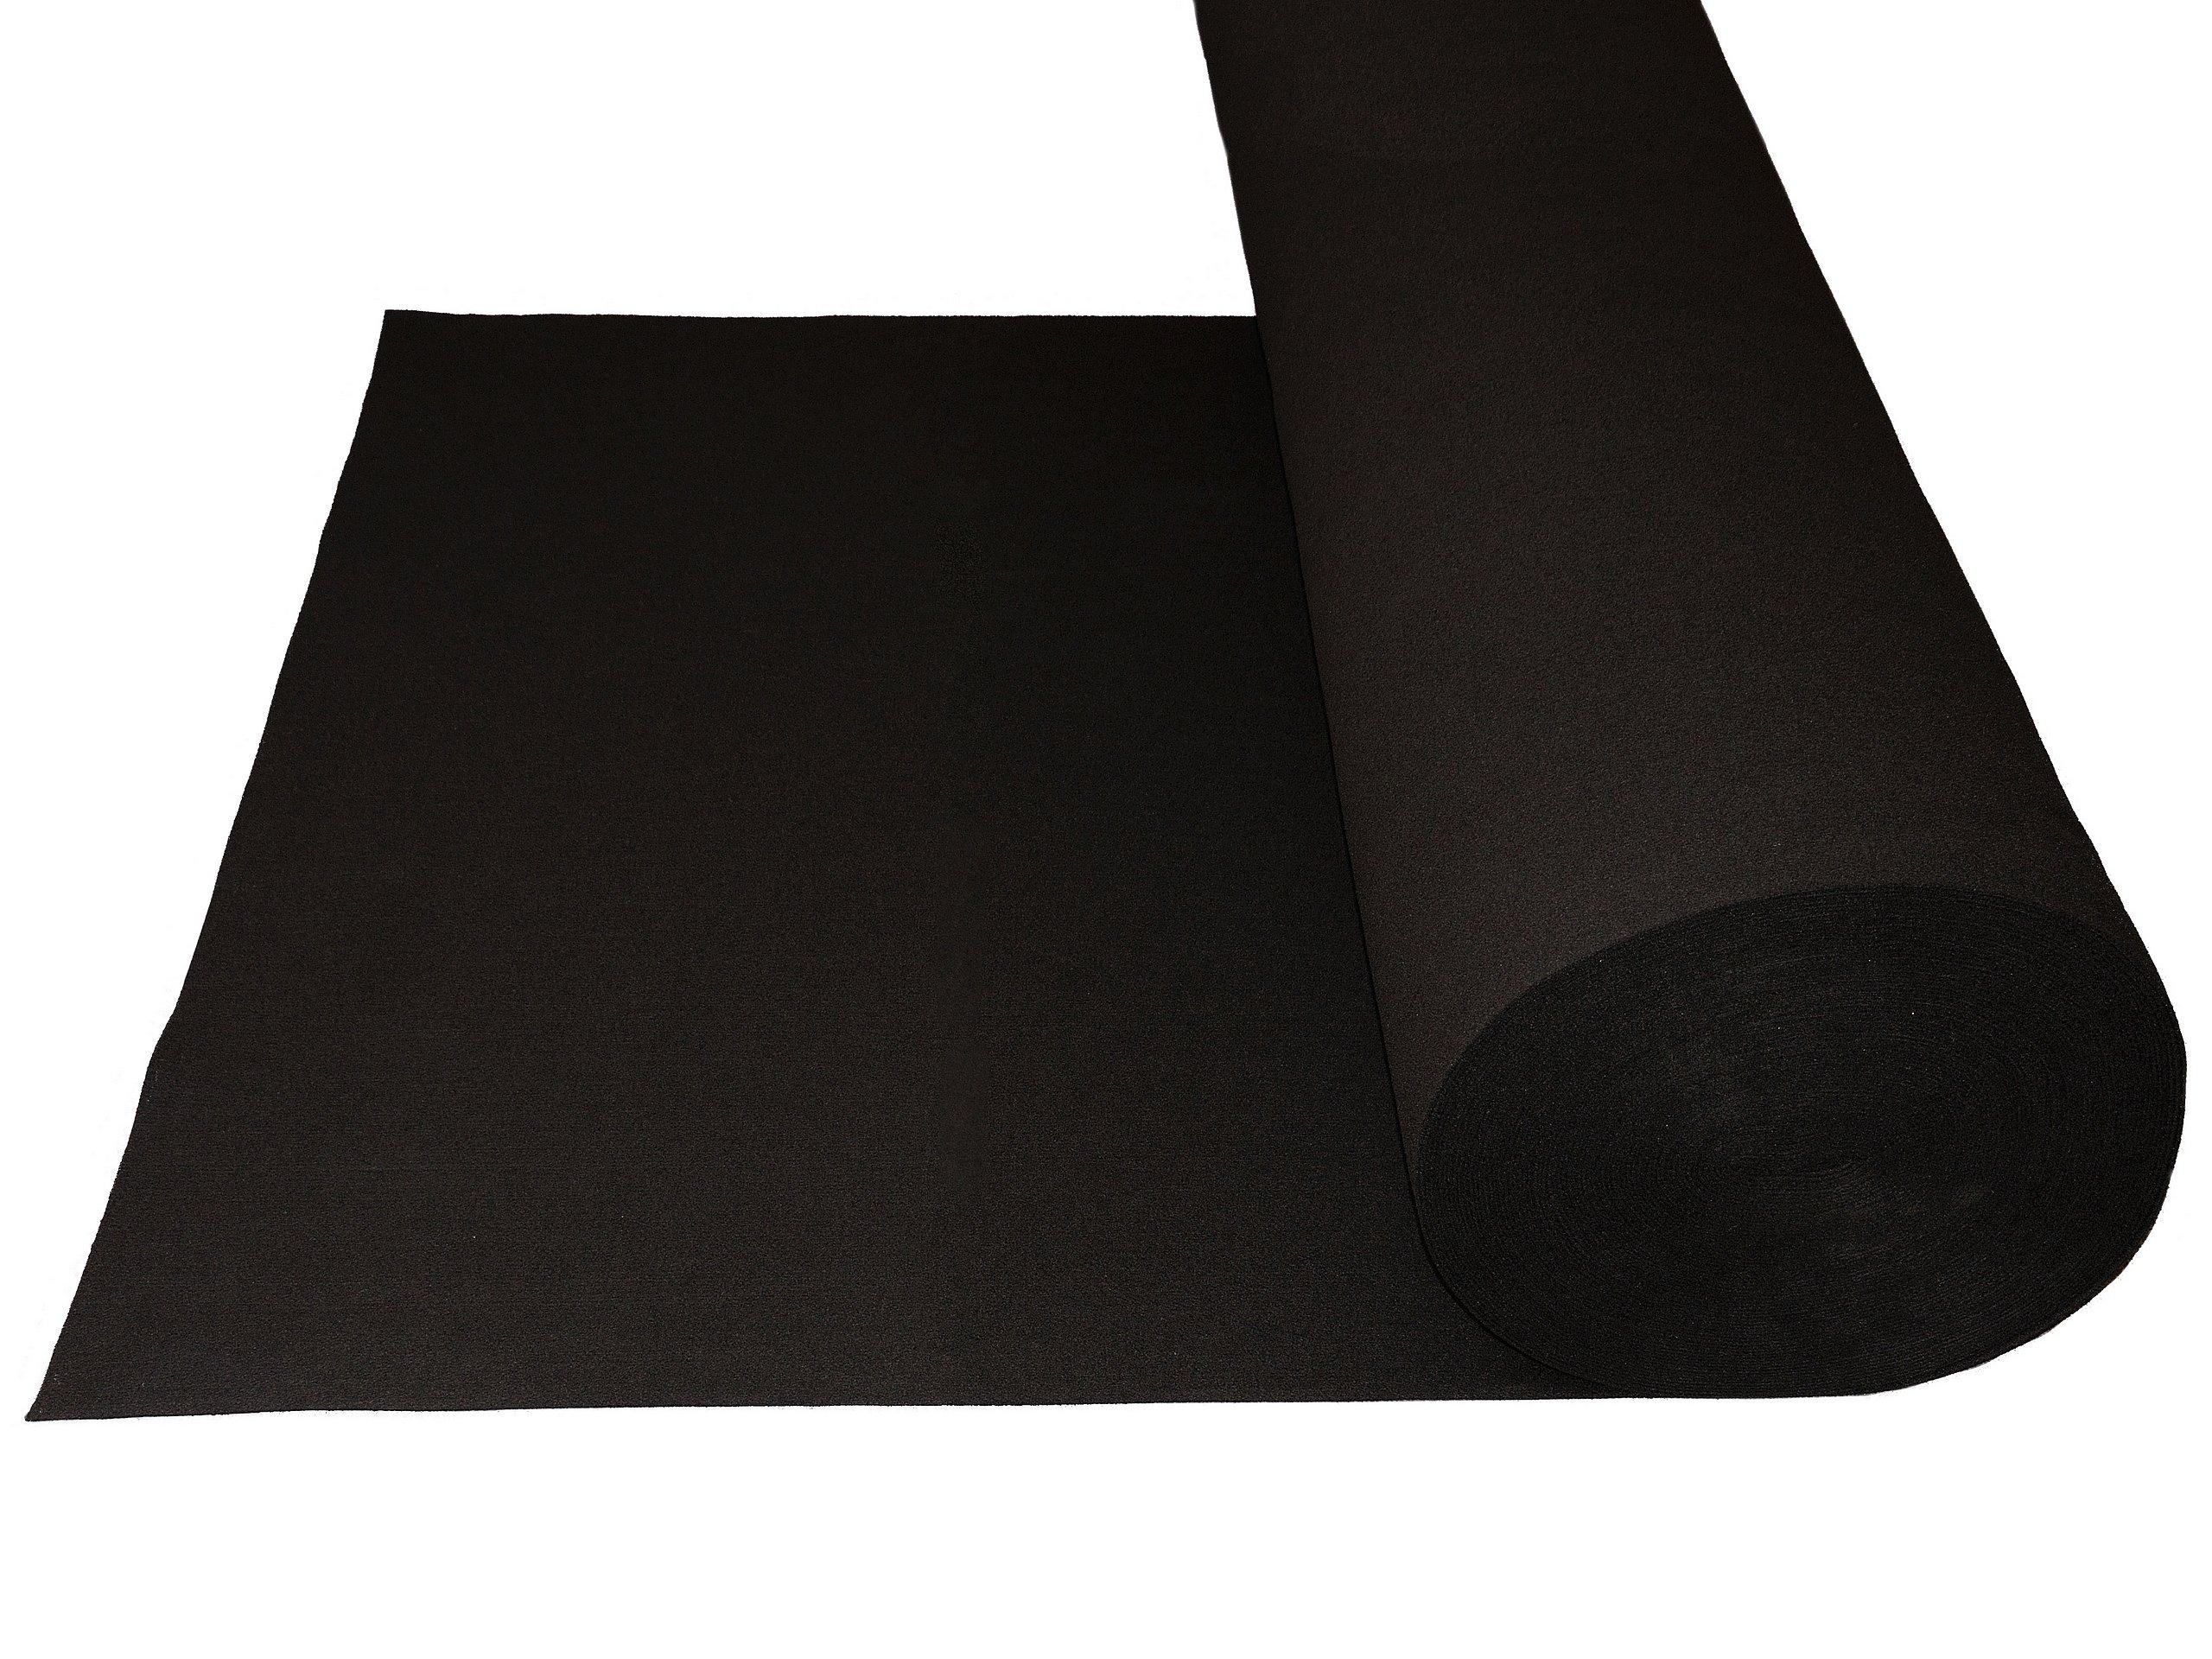 войлок черный мягкий 300g 3mm к вырезок как 1